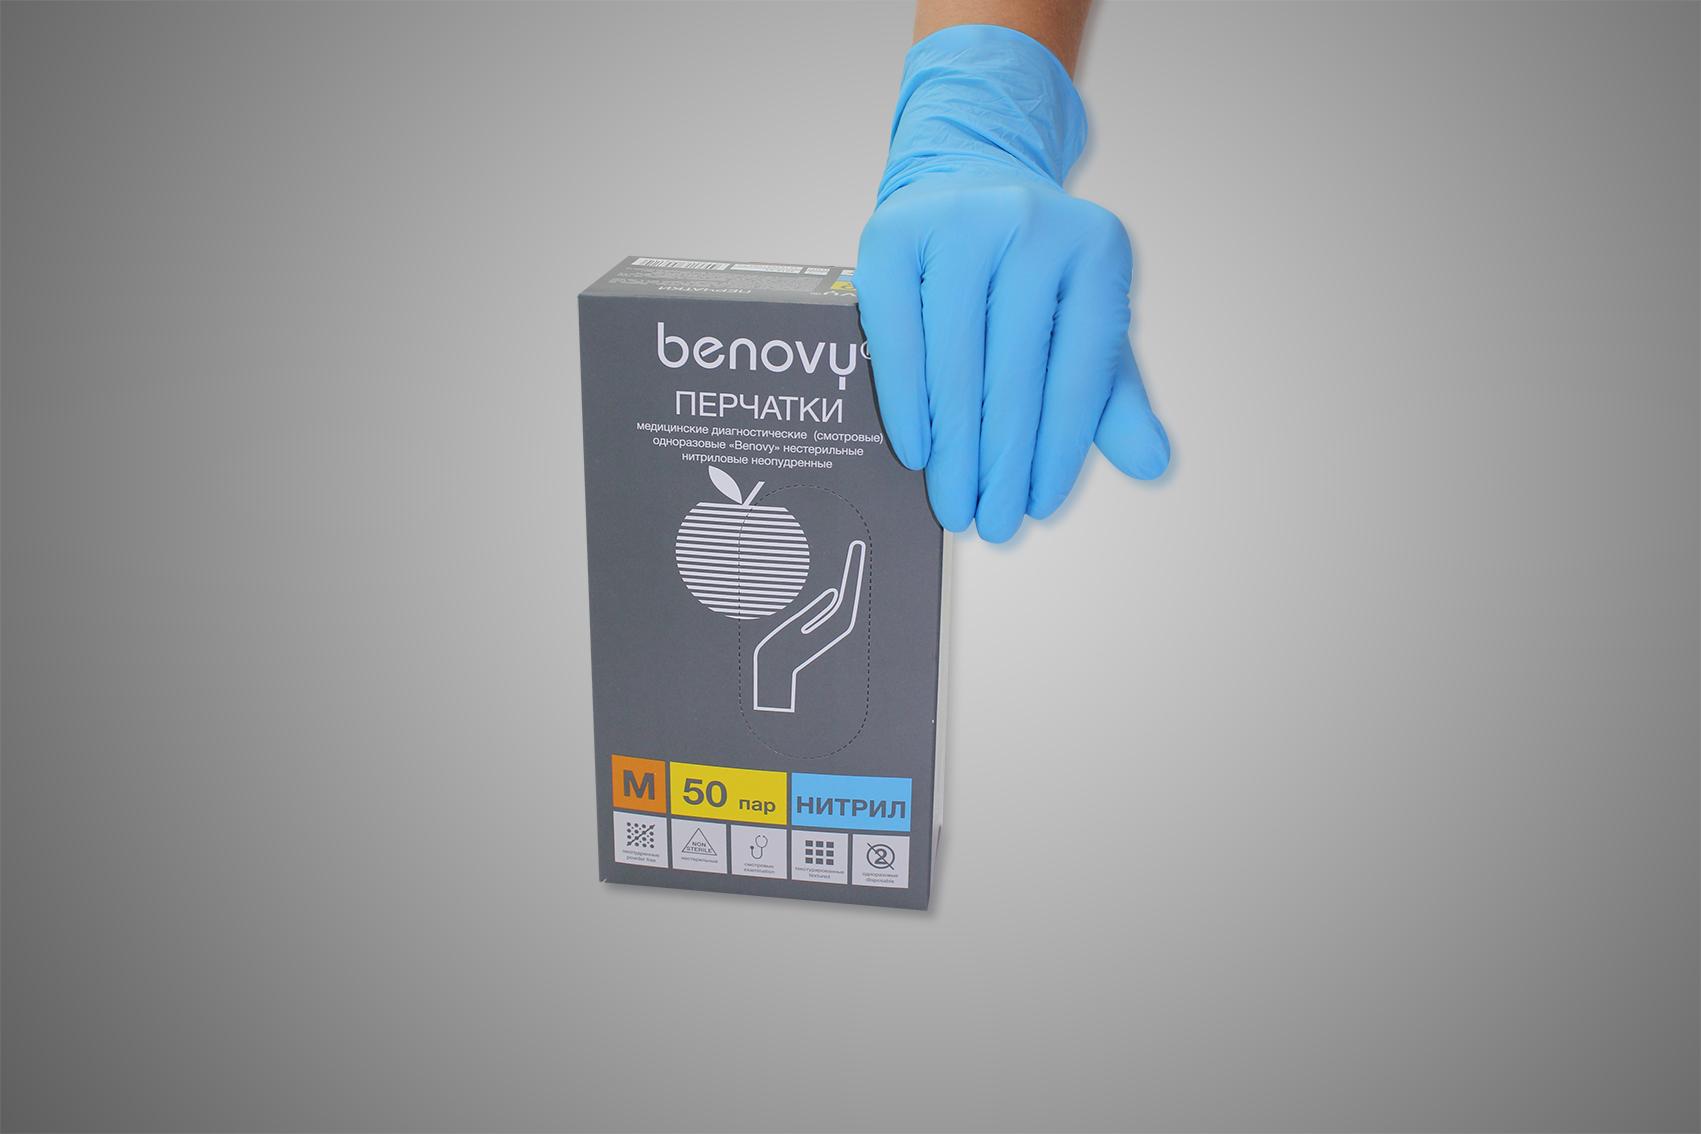 Купить Перчатки нитриловые смотровые 3, 5гр цвет голубой (50 пар в уп.), Ursus